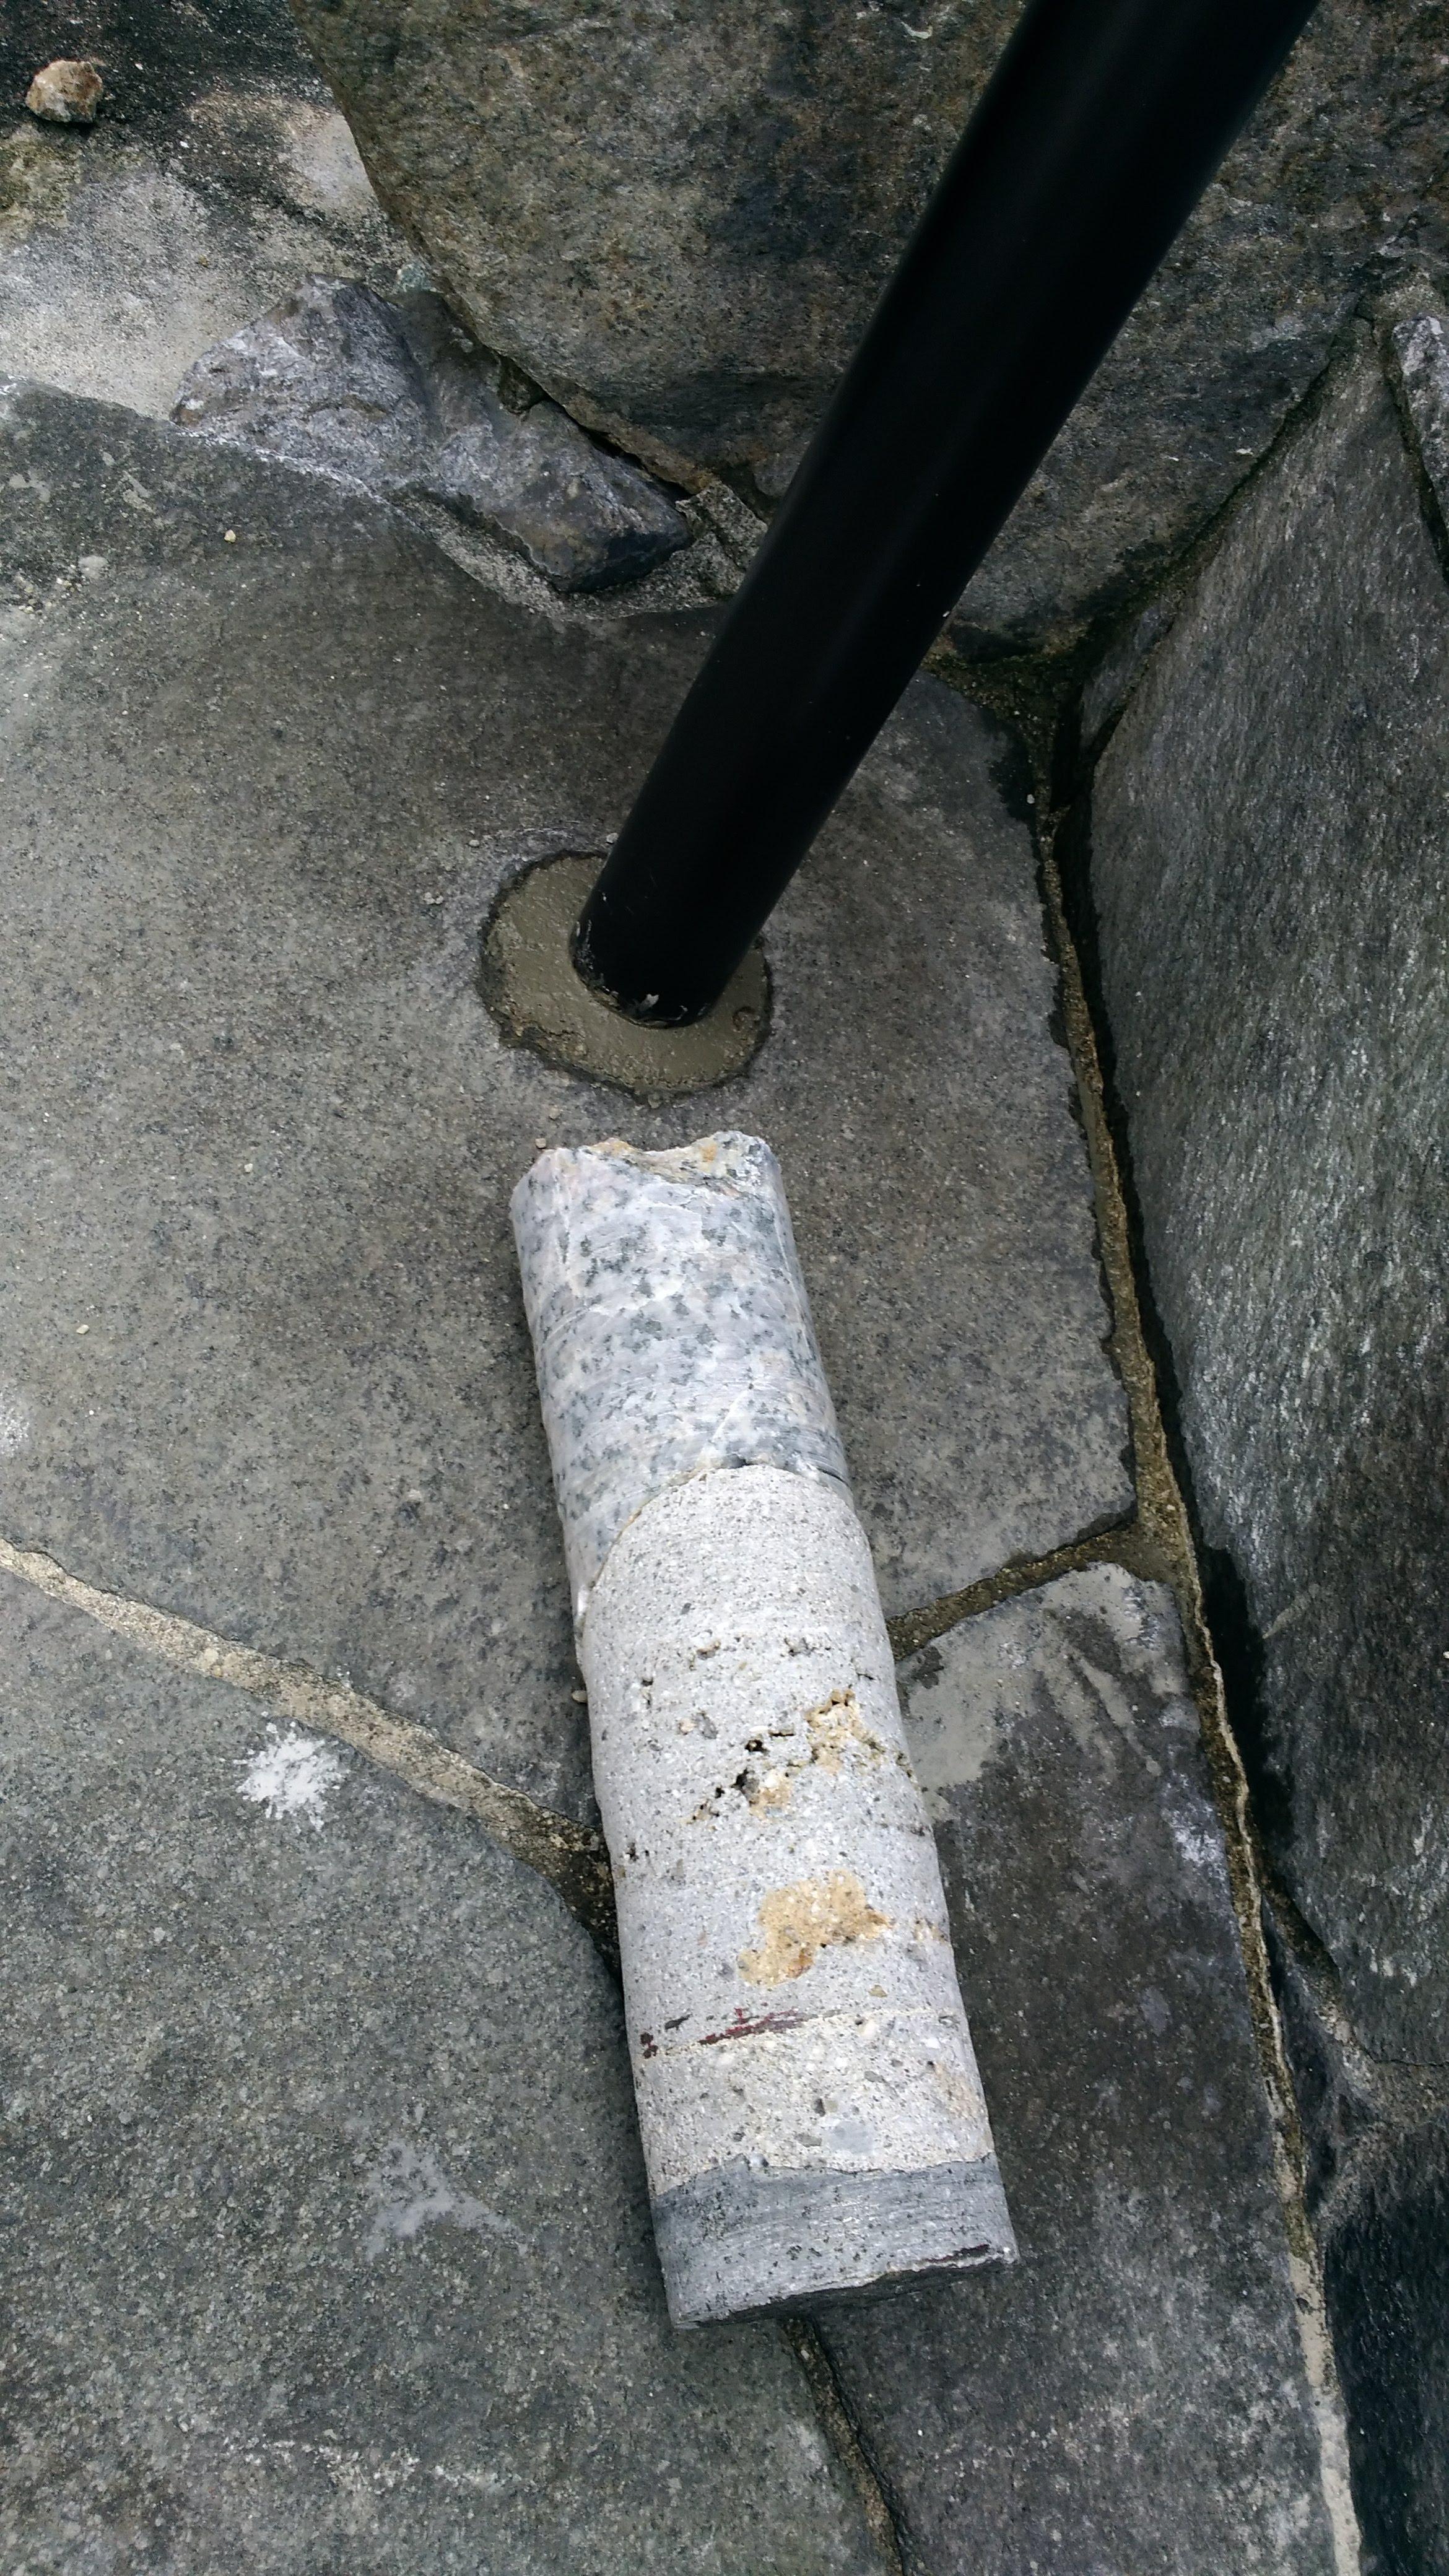 鉄平石コンクリート花崗岩